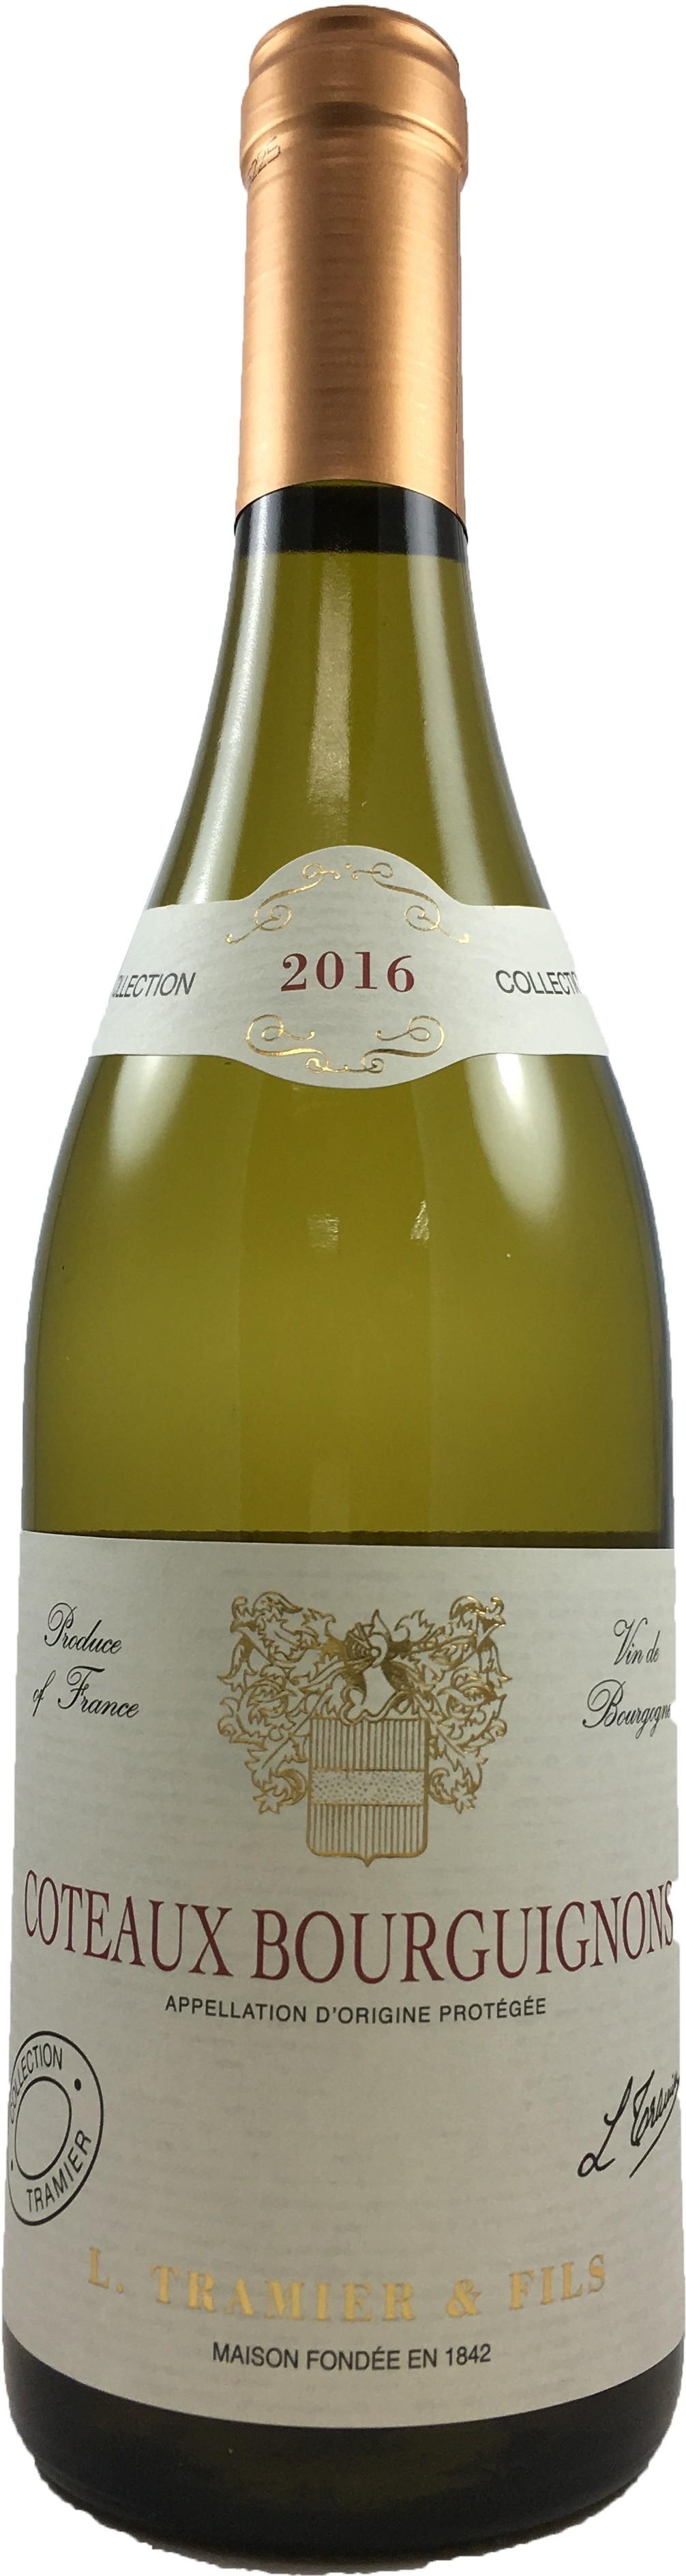 法國 勃艮地 鉈尼酒莊 勃艮地丘 AOP 2016 白葡萄酒